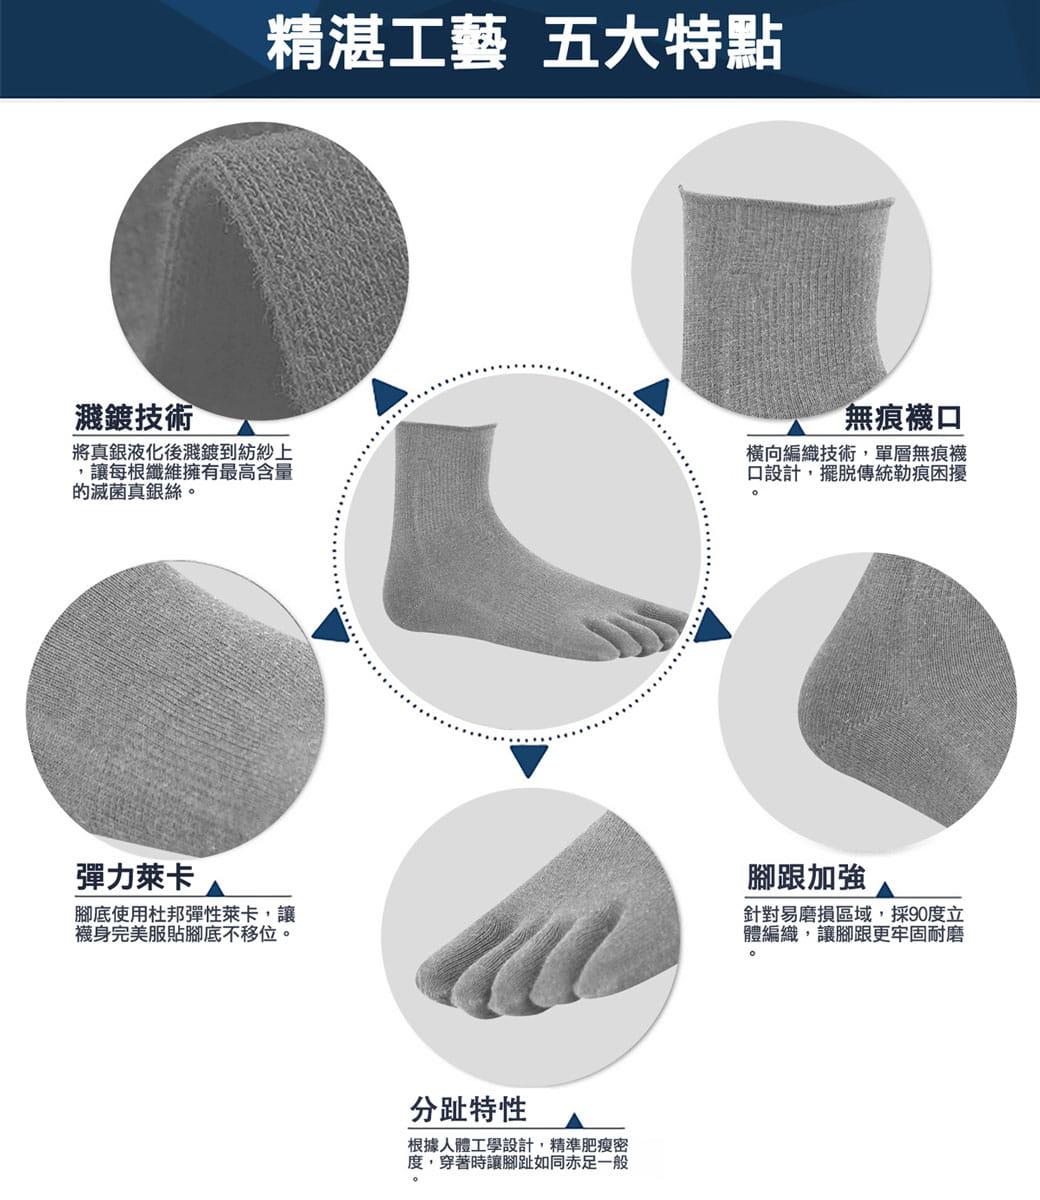 【力美特機能襪】銀纖五趾襪(灰銀) 6